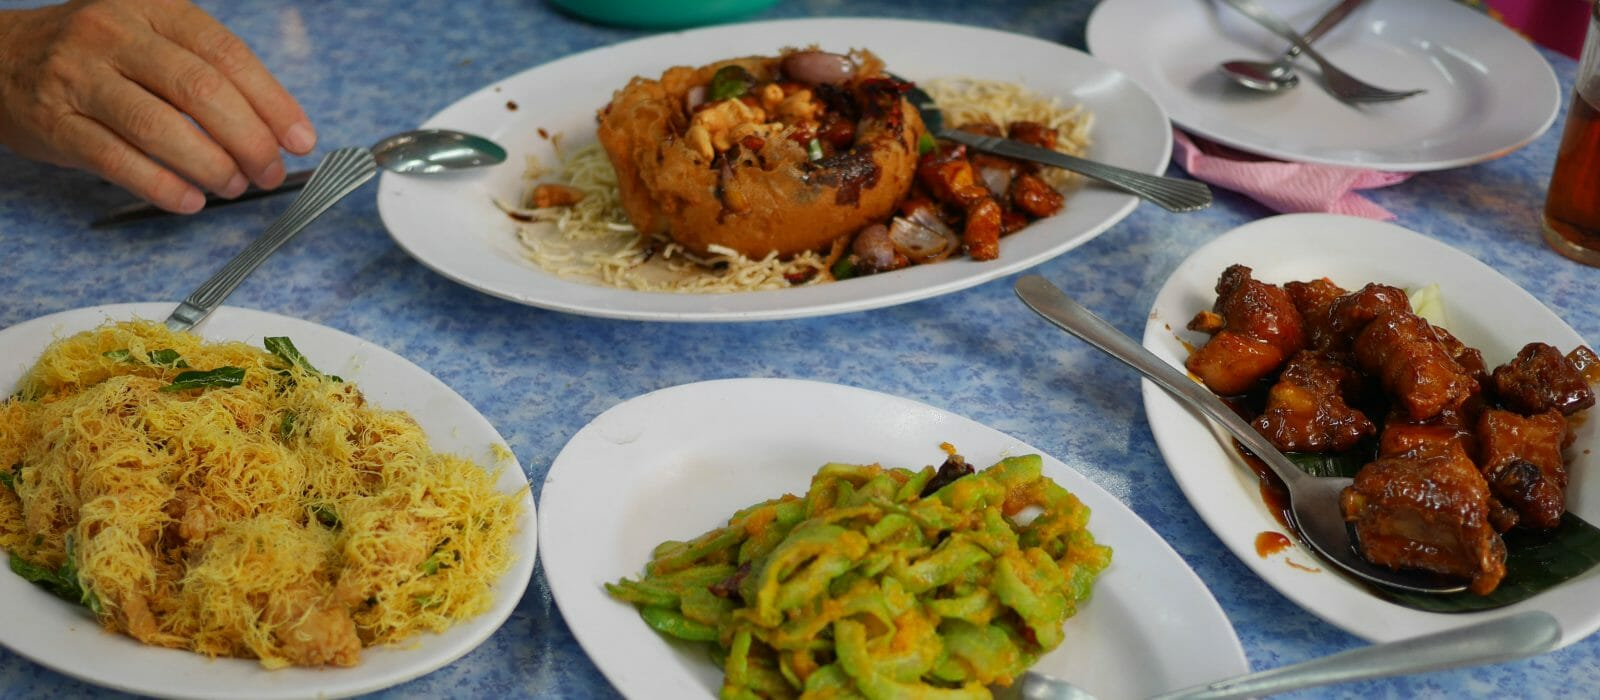 Restoran 88, Kuchai Lama